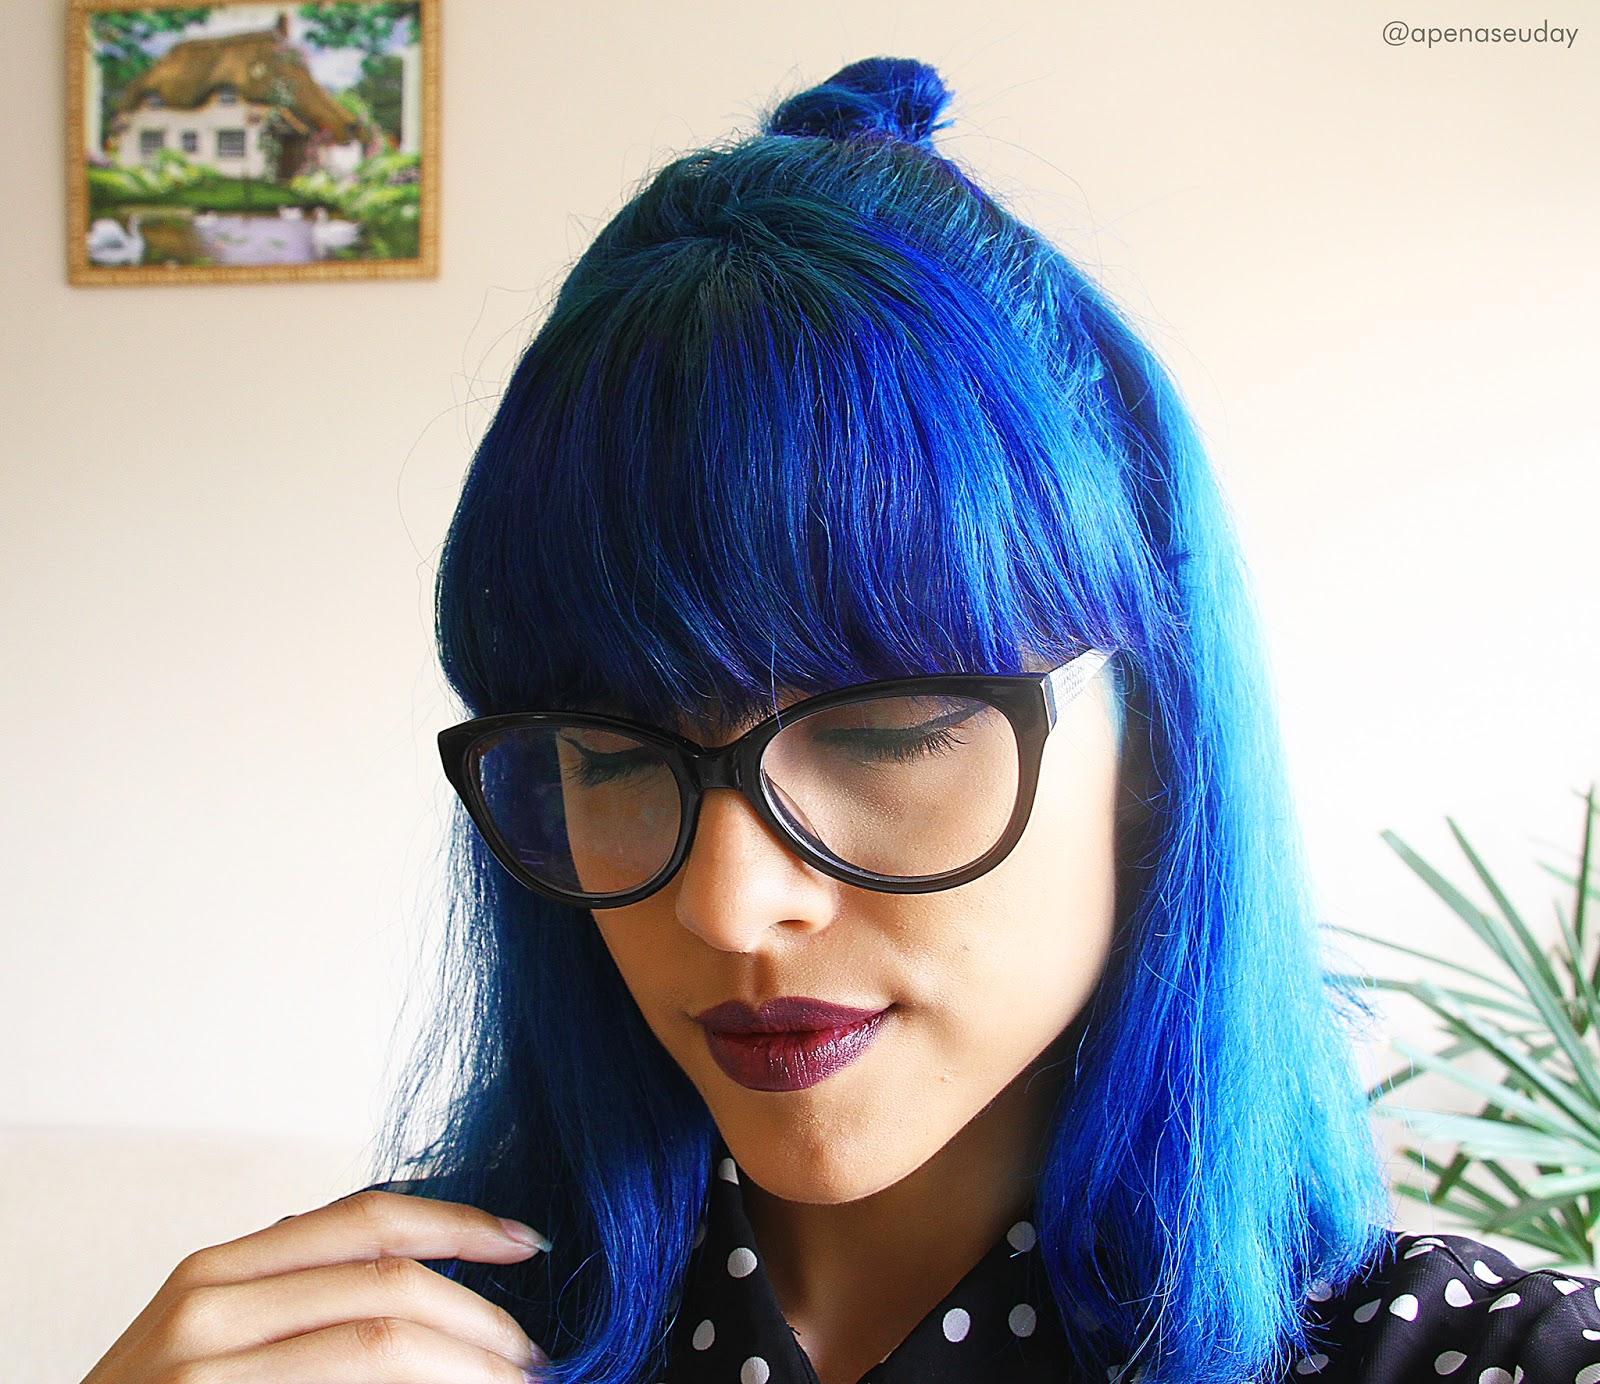 Aprenda a fazer 4 penteados super fáceis e rápidos para cabelos curtos. Acesse agora!